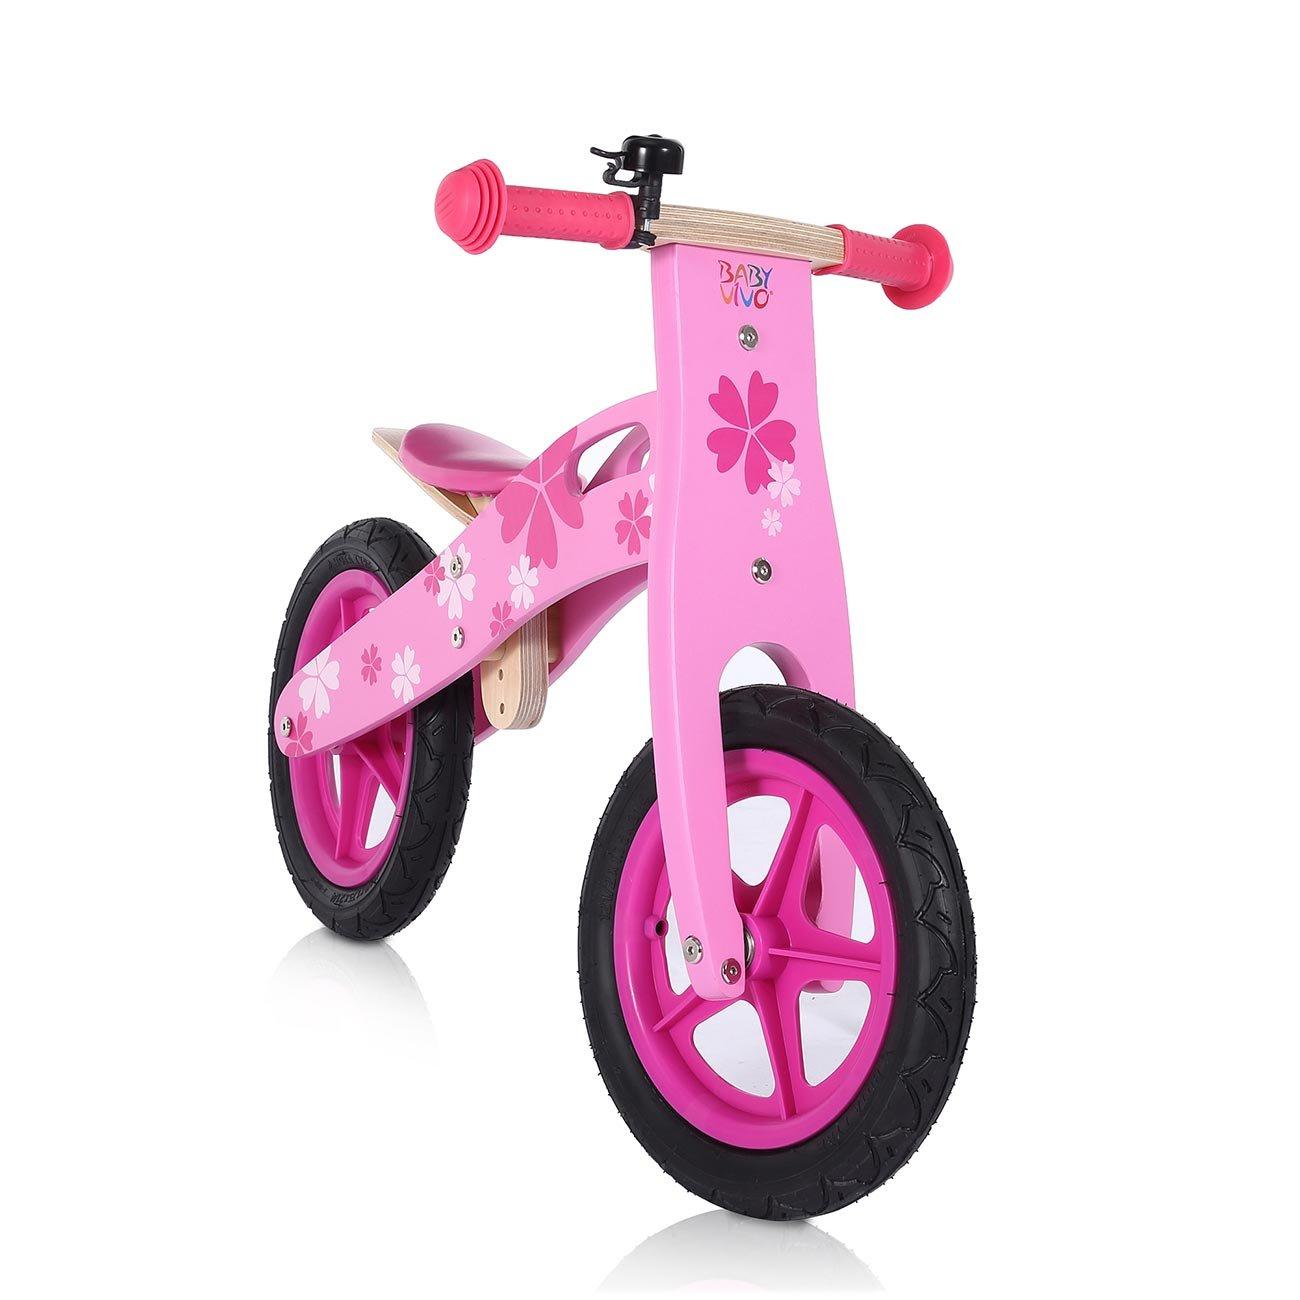 Baby Vivo Bicicletta Bici Triciclo Spinta Bambini Guidare Corsa Equilibrio Legno Colori Campanello Pneumatici 12 Pollici Pinky